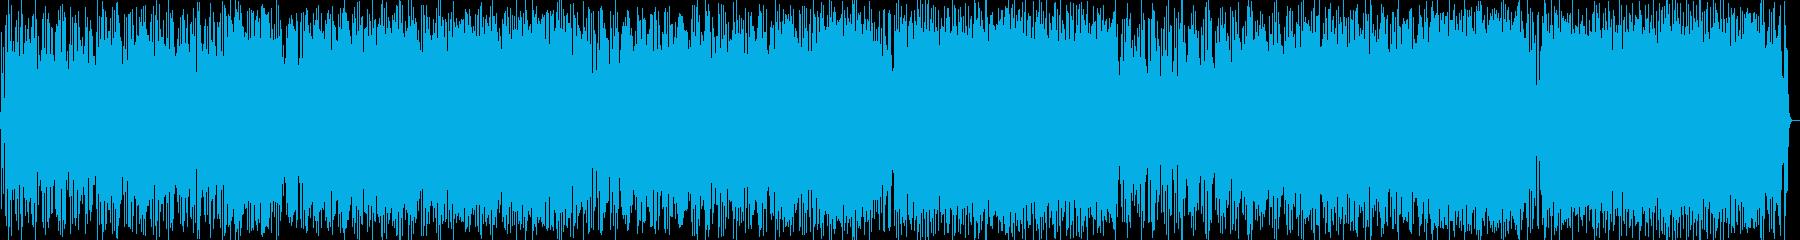 ギターによるにぎやかポップロックの再生済みの波形